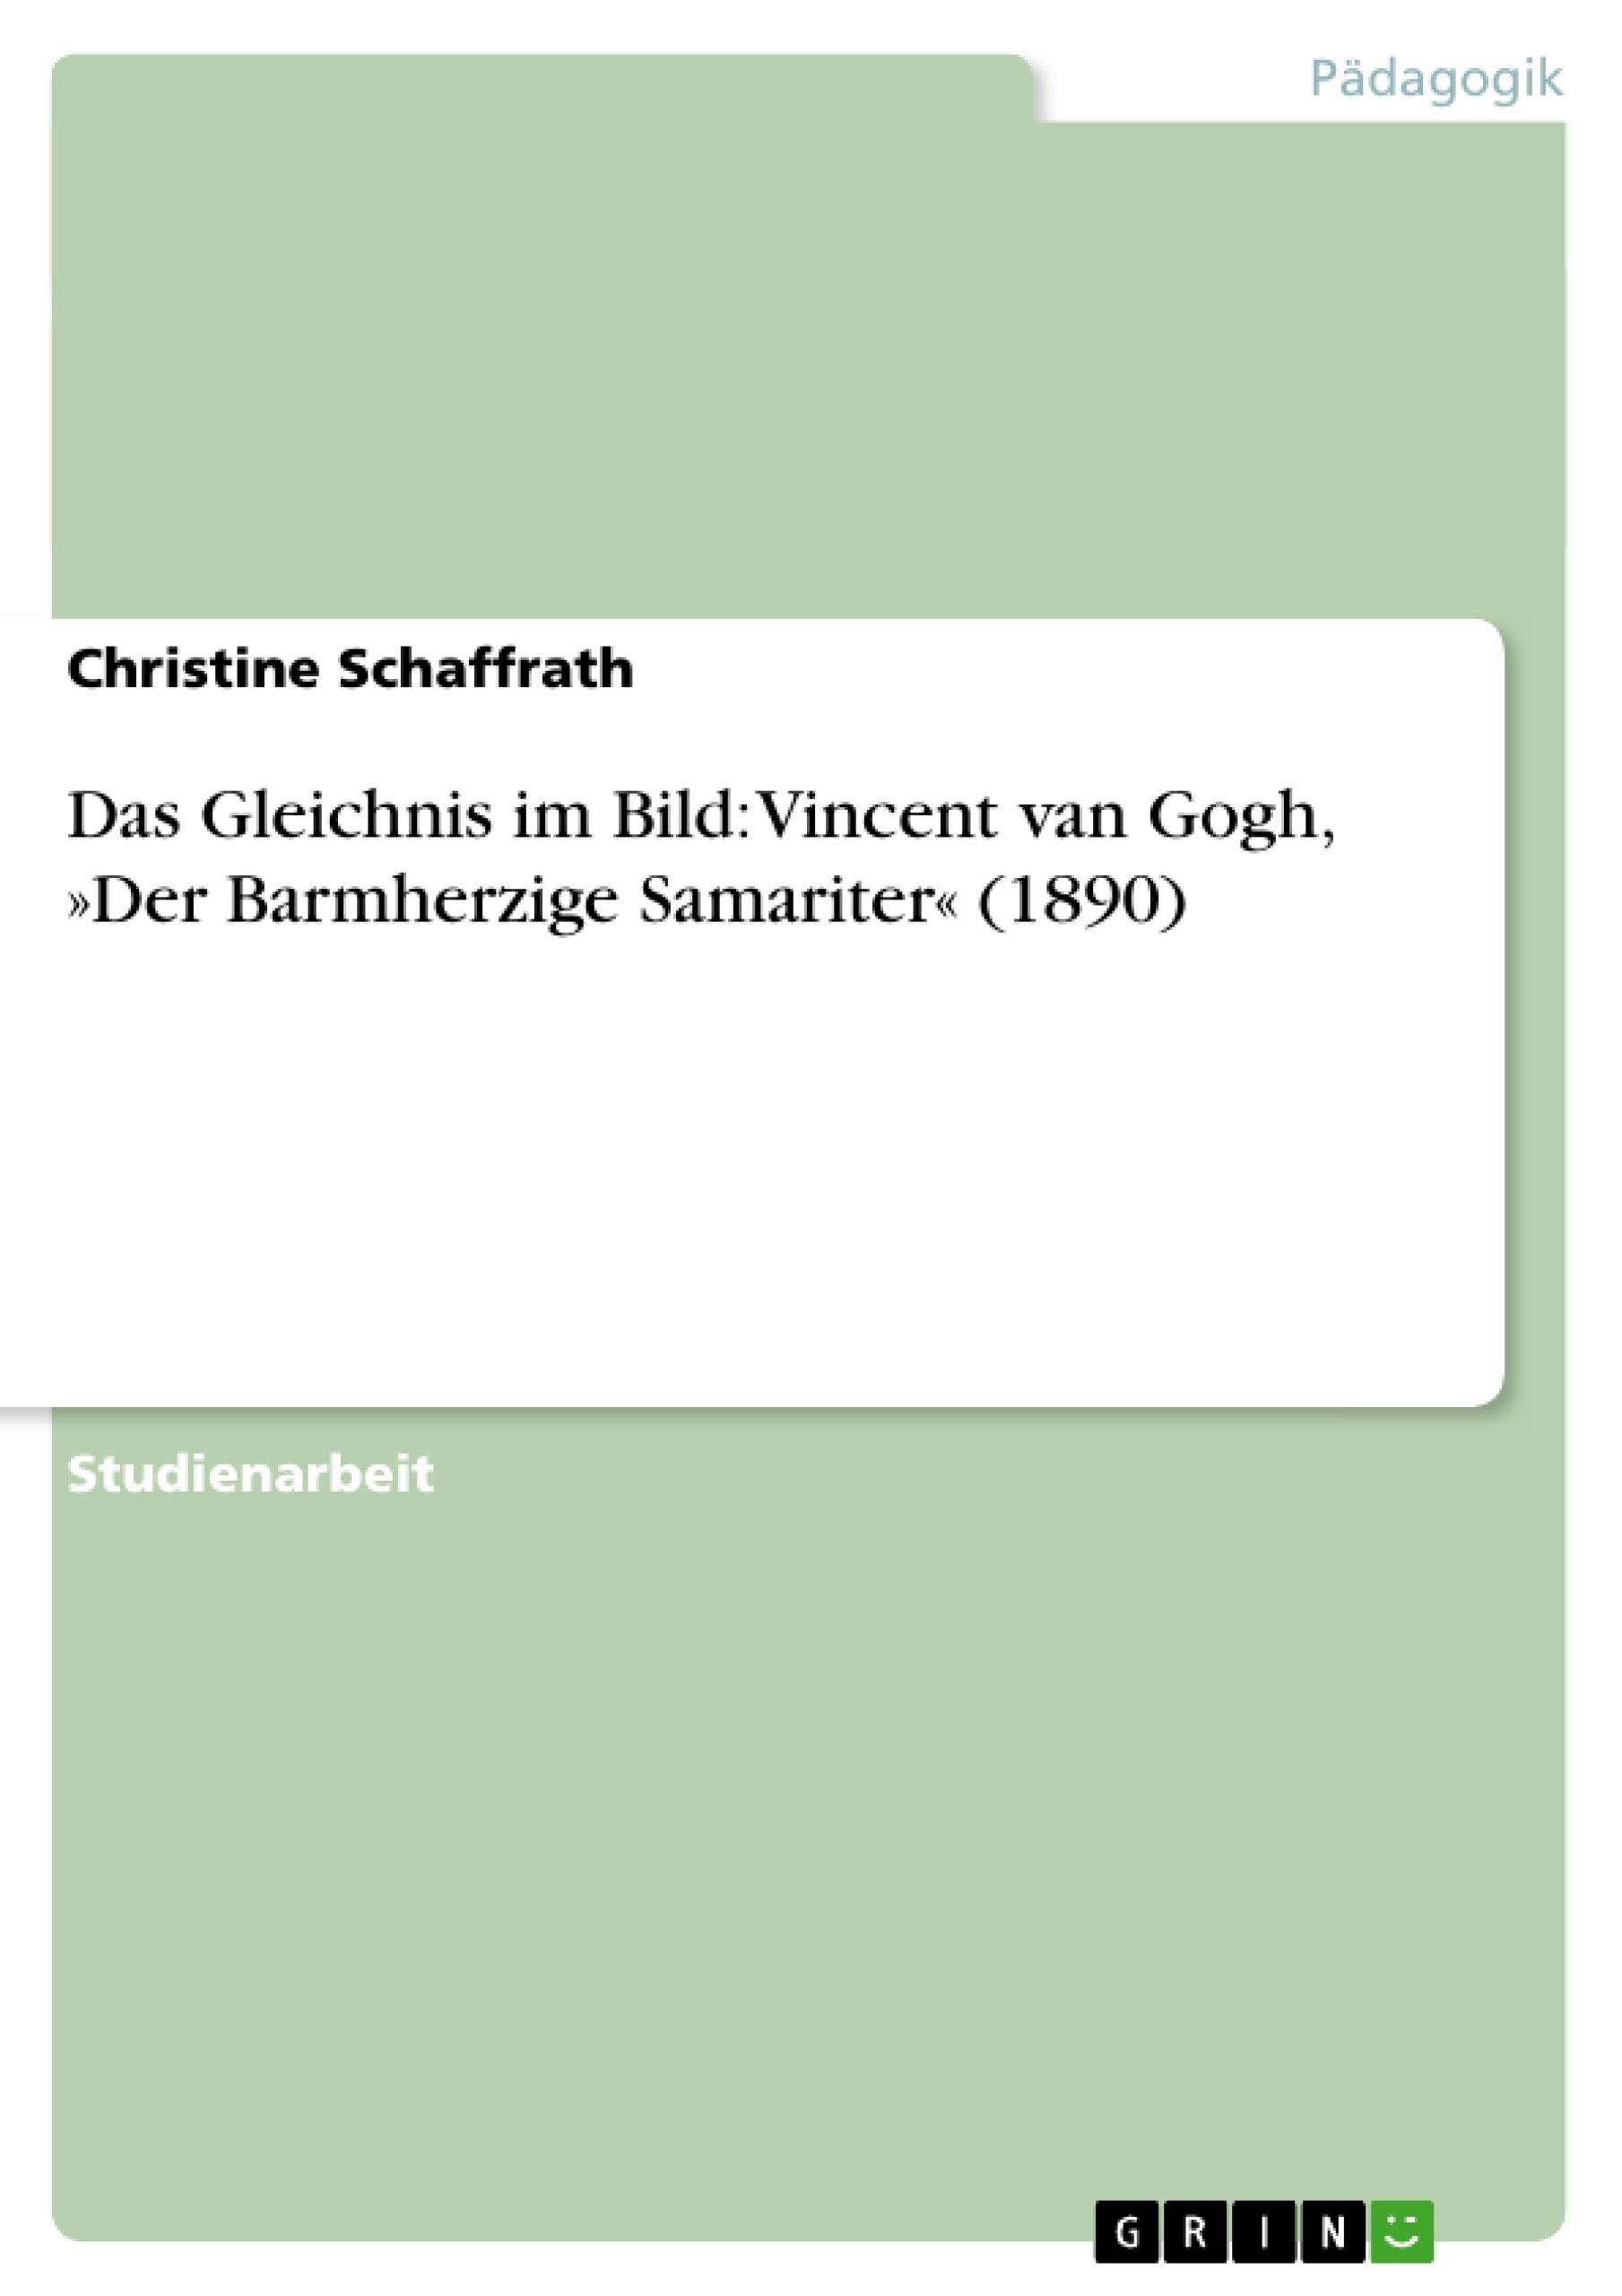 Titel: Das Gleichnis im Bild: Vincent van Gogh, »Der Barmherzige Samariter« (1890)